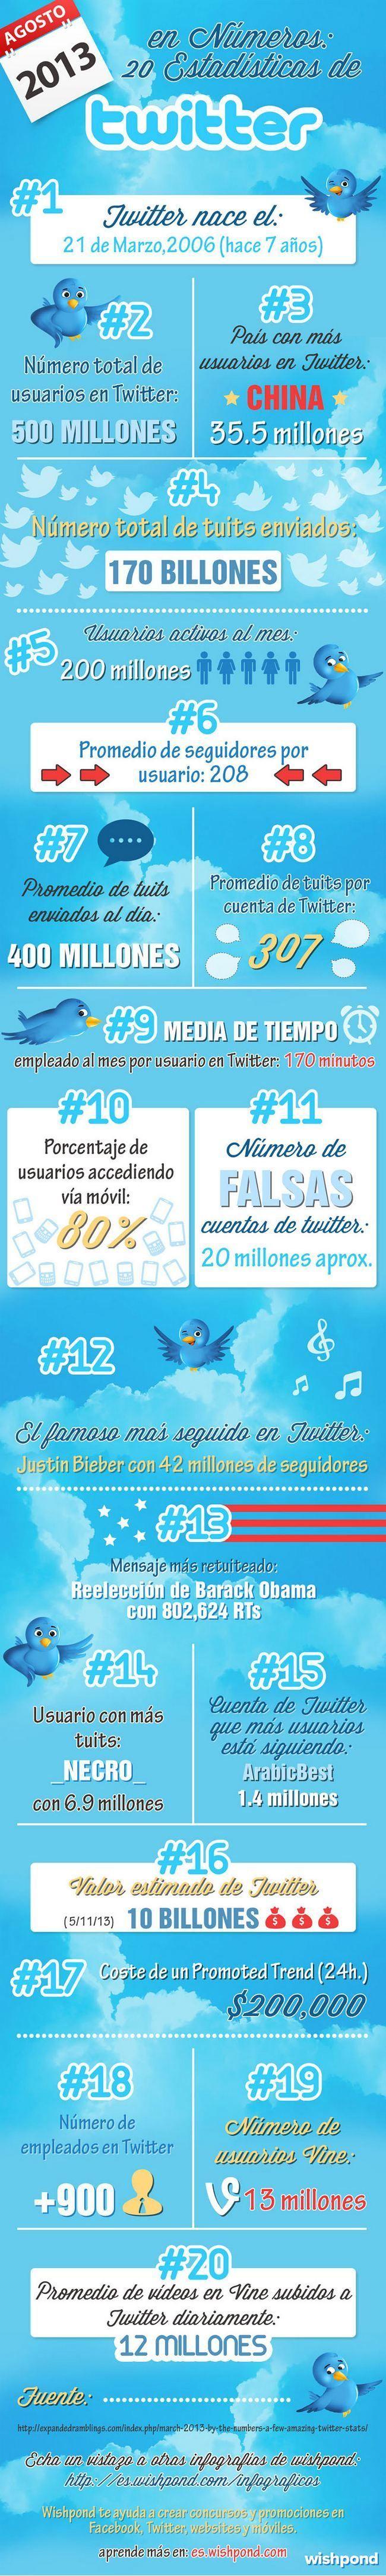 Los números de Twitter Los números actuales de Twitter